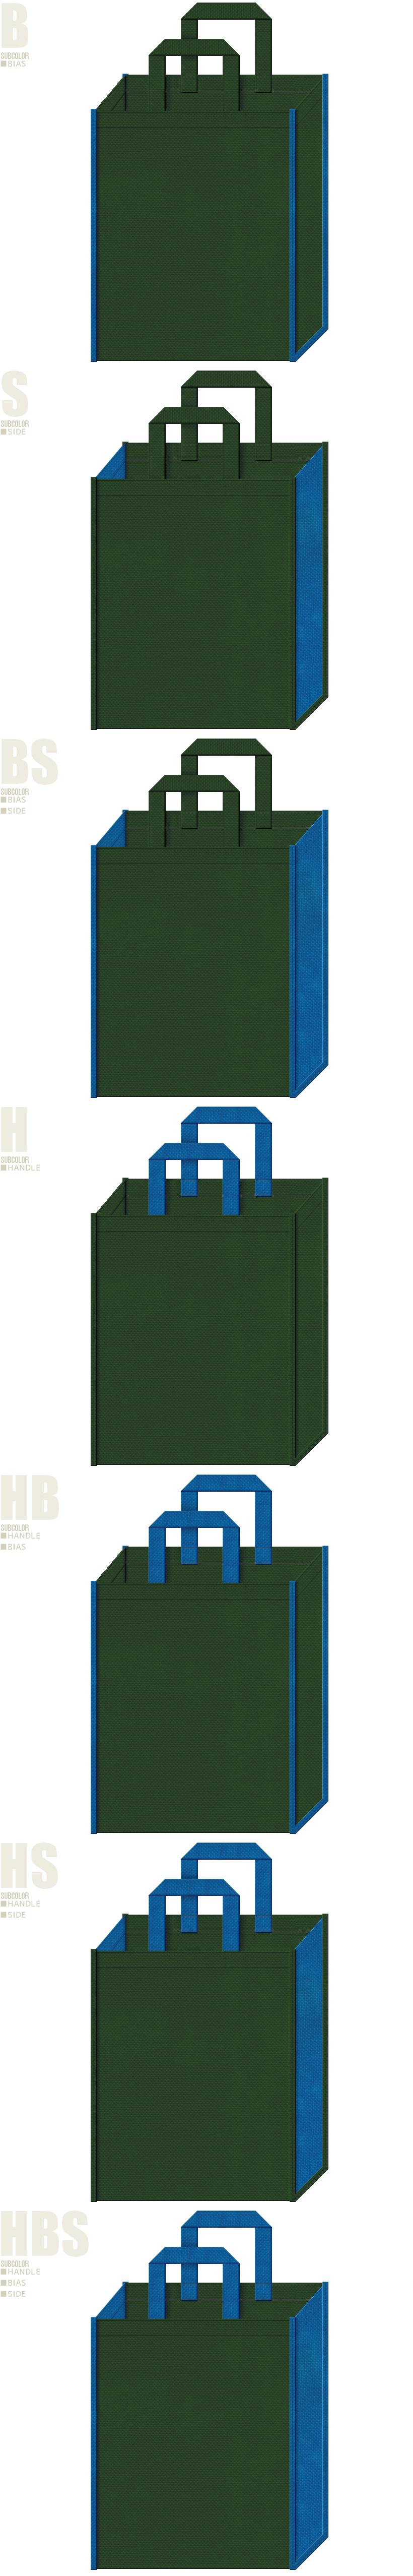 不織布バッグのデザイン:濃緑色と青色の配色7パターン